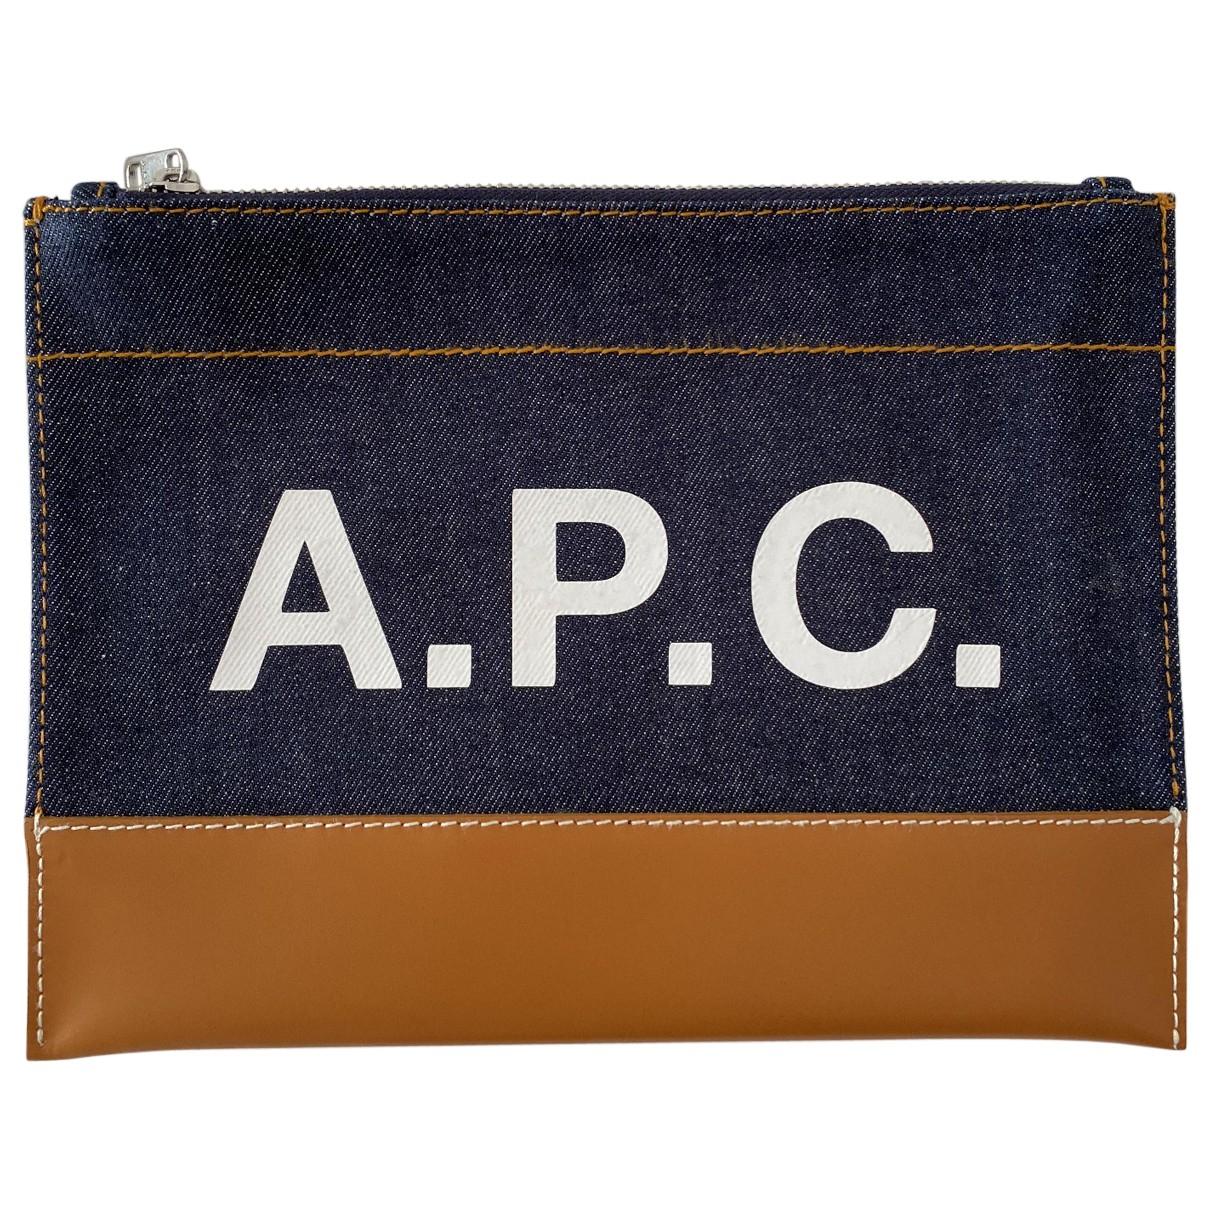 Apc - Pochette   pour femme en denim - bleu